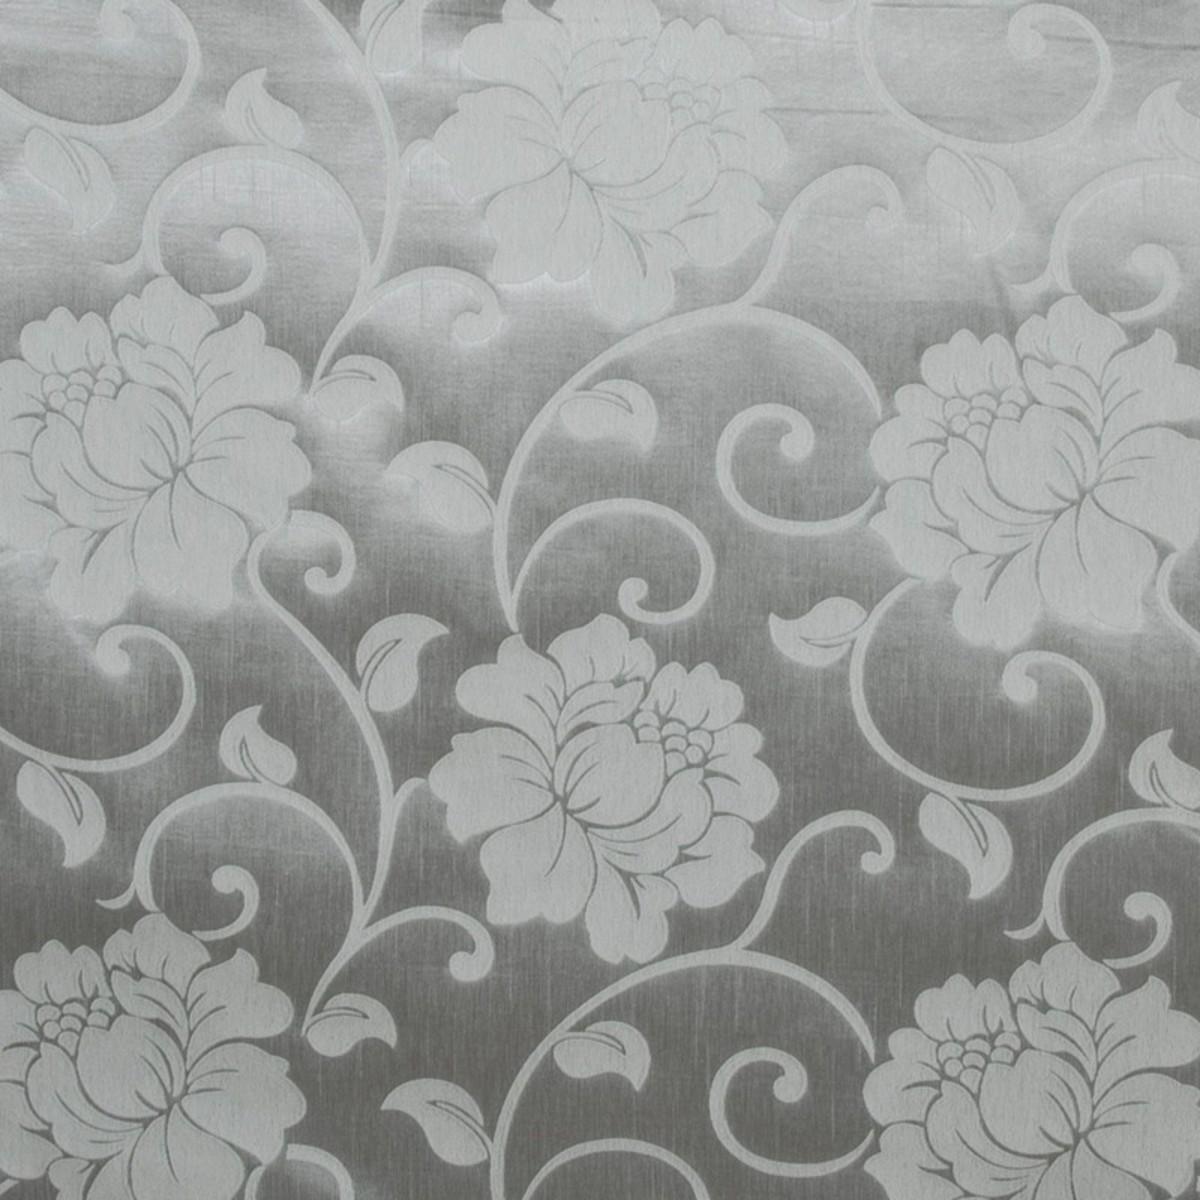 Тюль 1 пог. м с вышивкой БУКЕТИКИ сетка белый 290 см